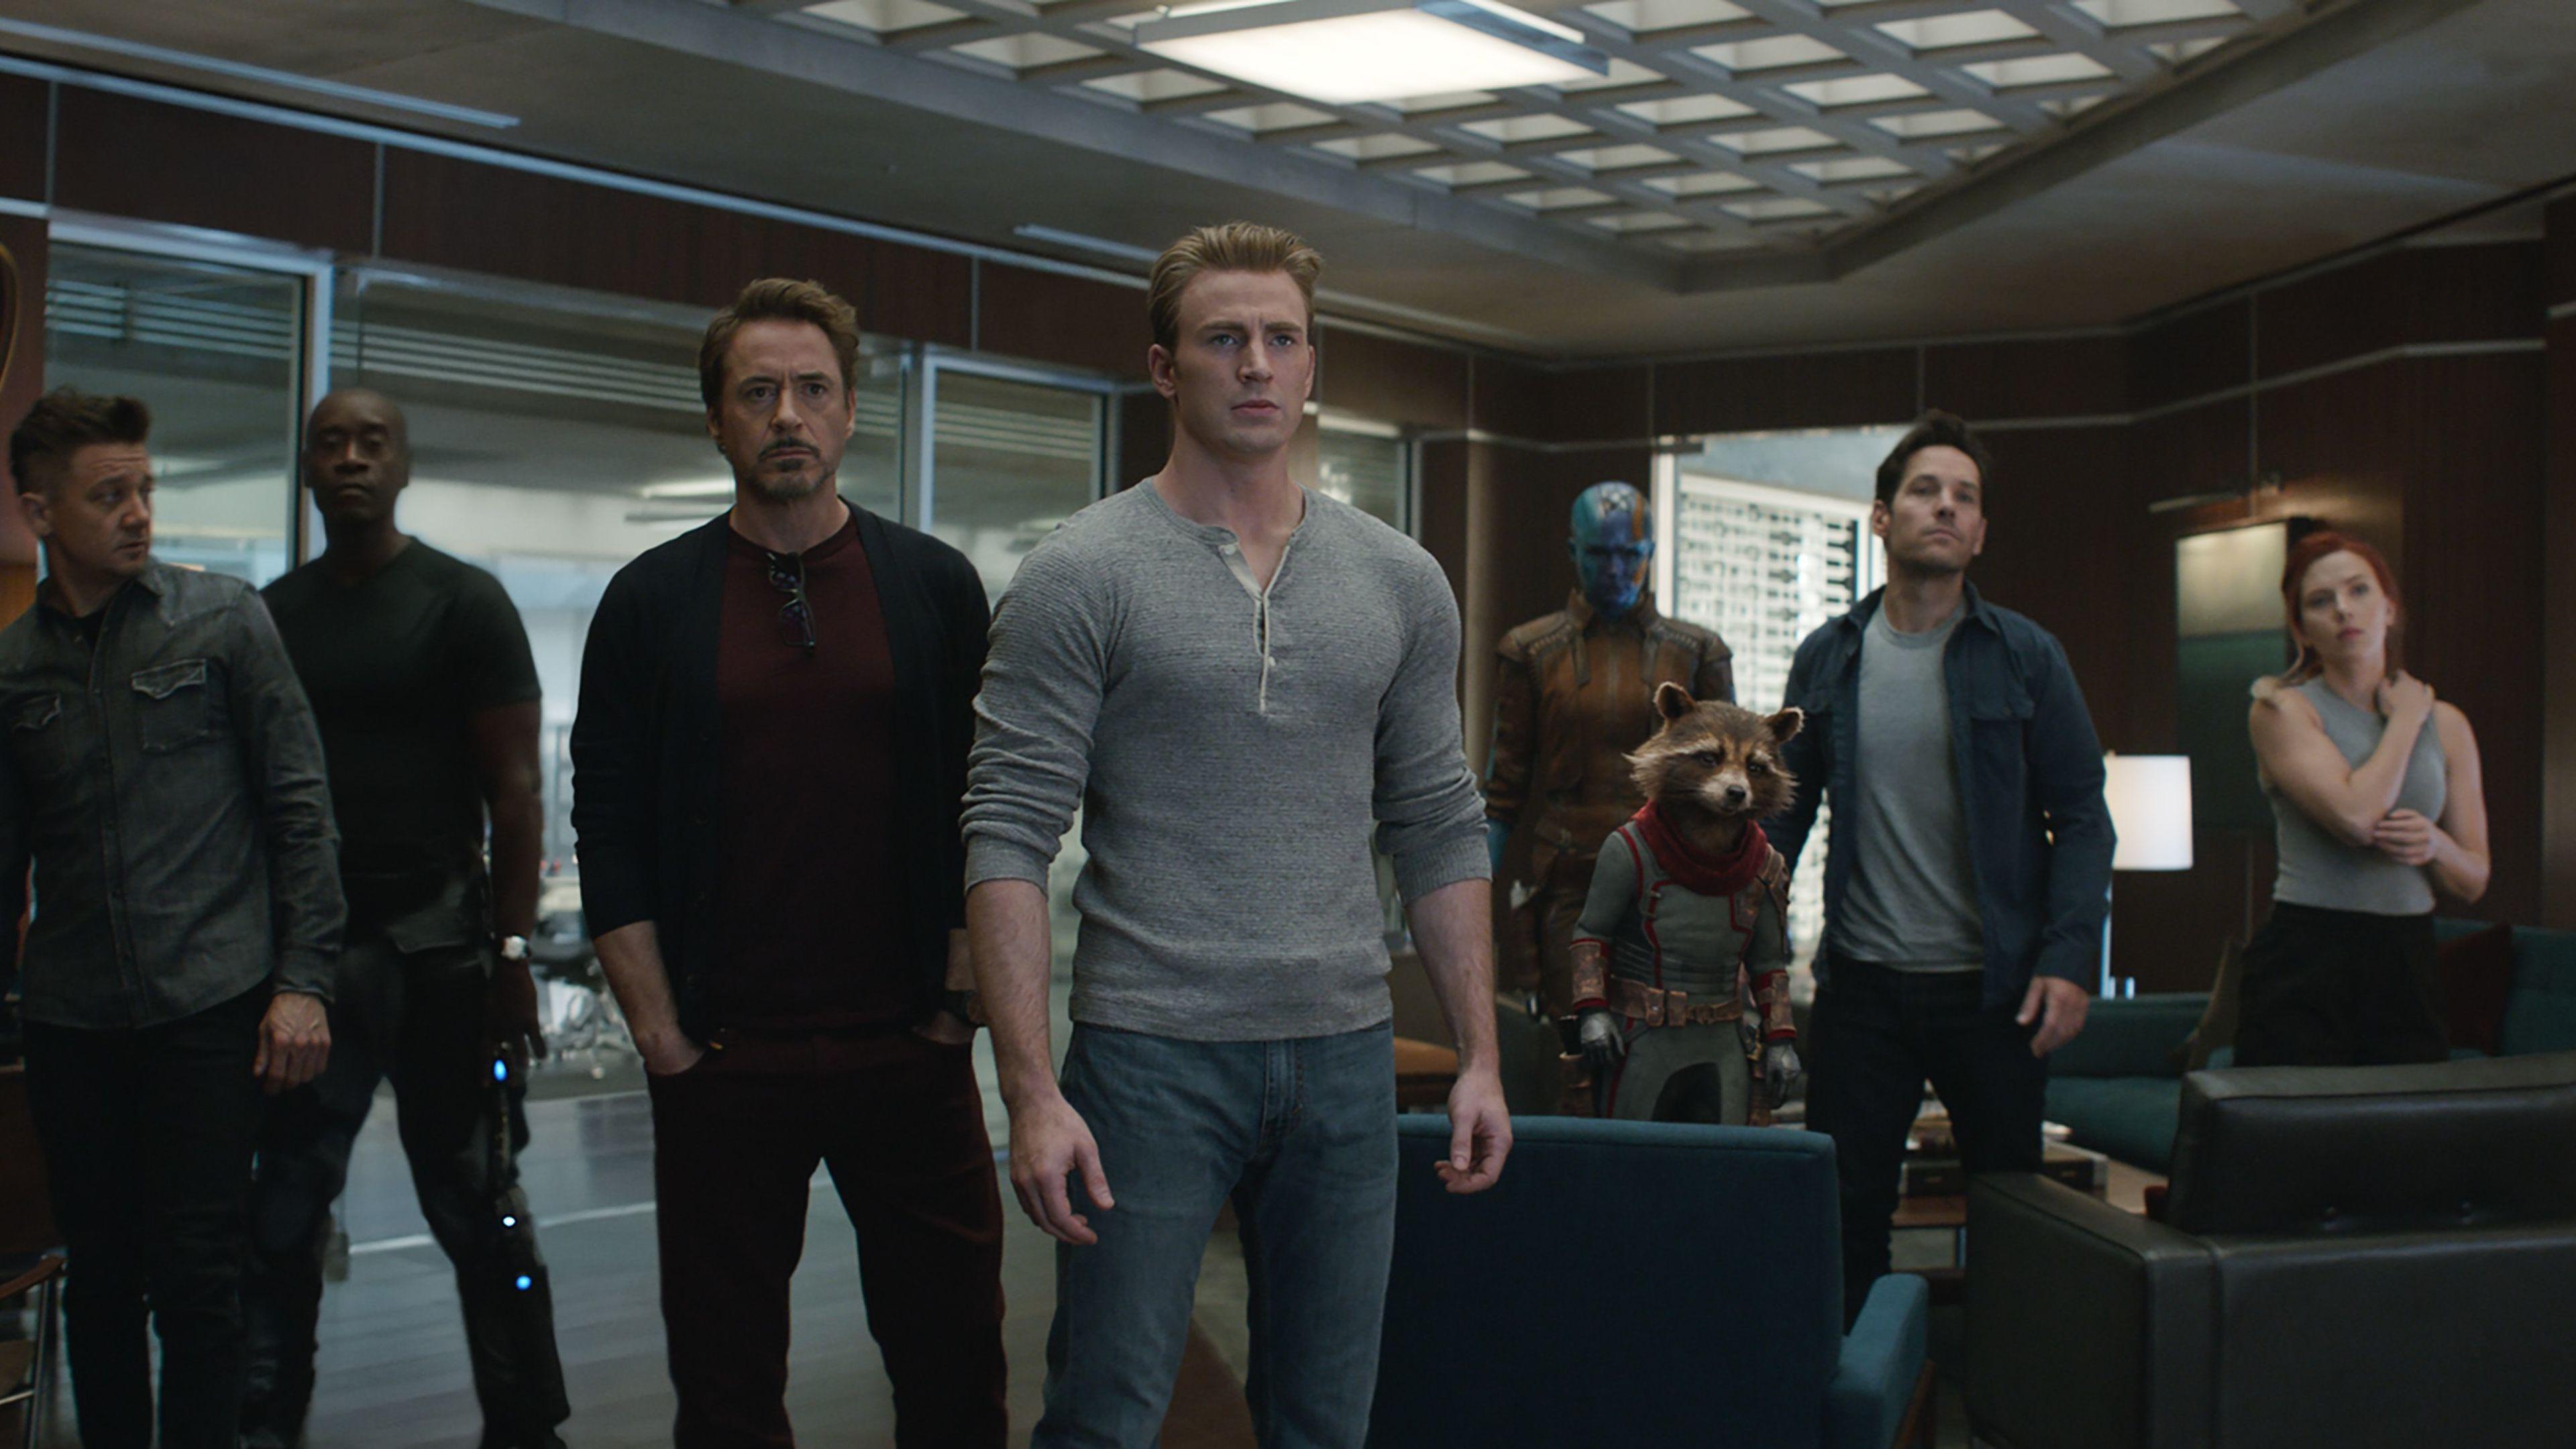 avengers endgame assemble 4k 1558219898 - Avengers Endgame Assemble 4k - movies wallpapers, hd-wallpapers, avengers endgame wallpapers, 4k-wallpapers, 2019 movies wallpapers